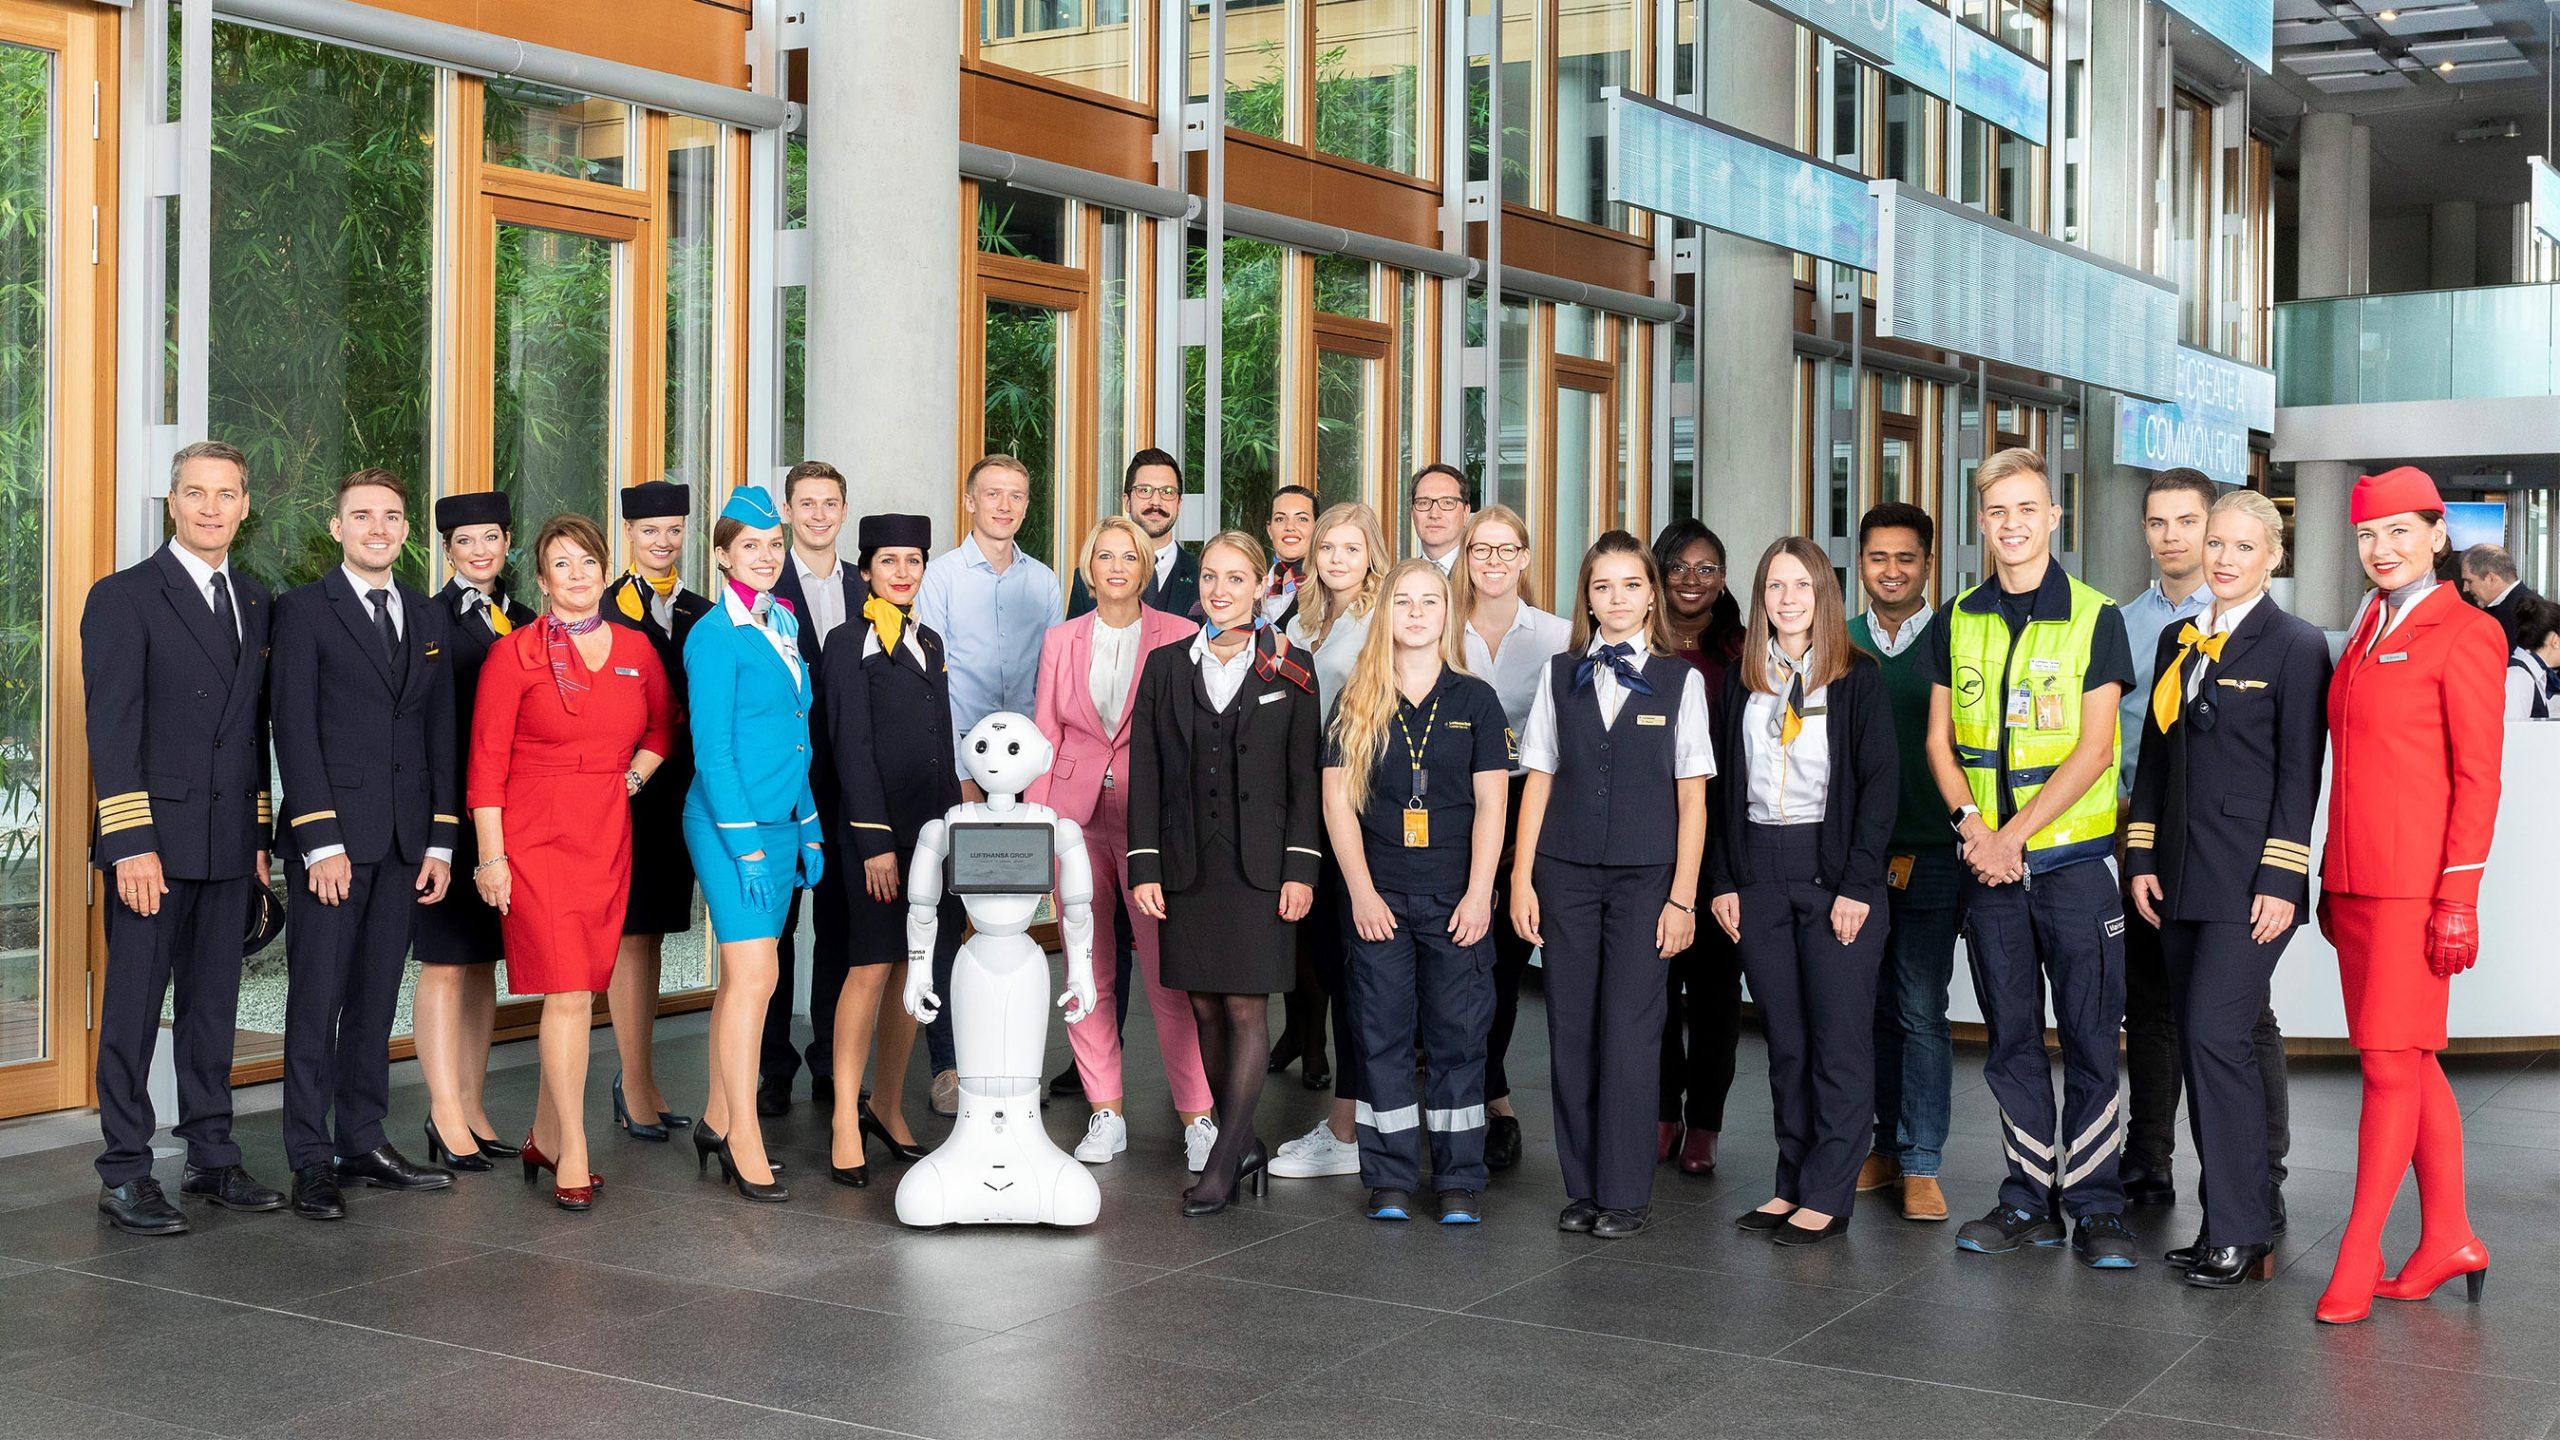 Der bliver nyansatte og muligheder for nye jobs til eksisterende medarbejdere i Lufthansa-gruppen i år. Her et bredt udsnit af ansatte i koncernen. Pressefoto for Lufthansa: Claus Morgenstern.